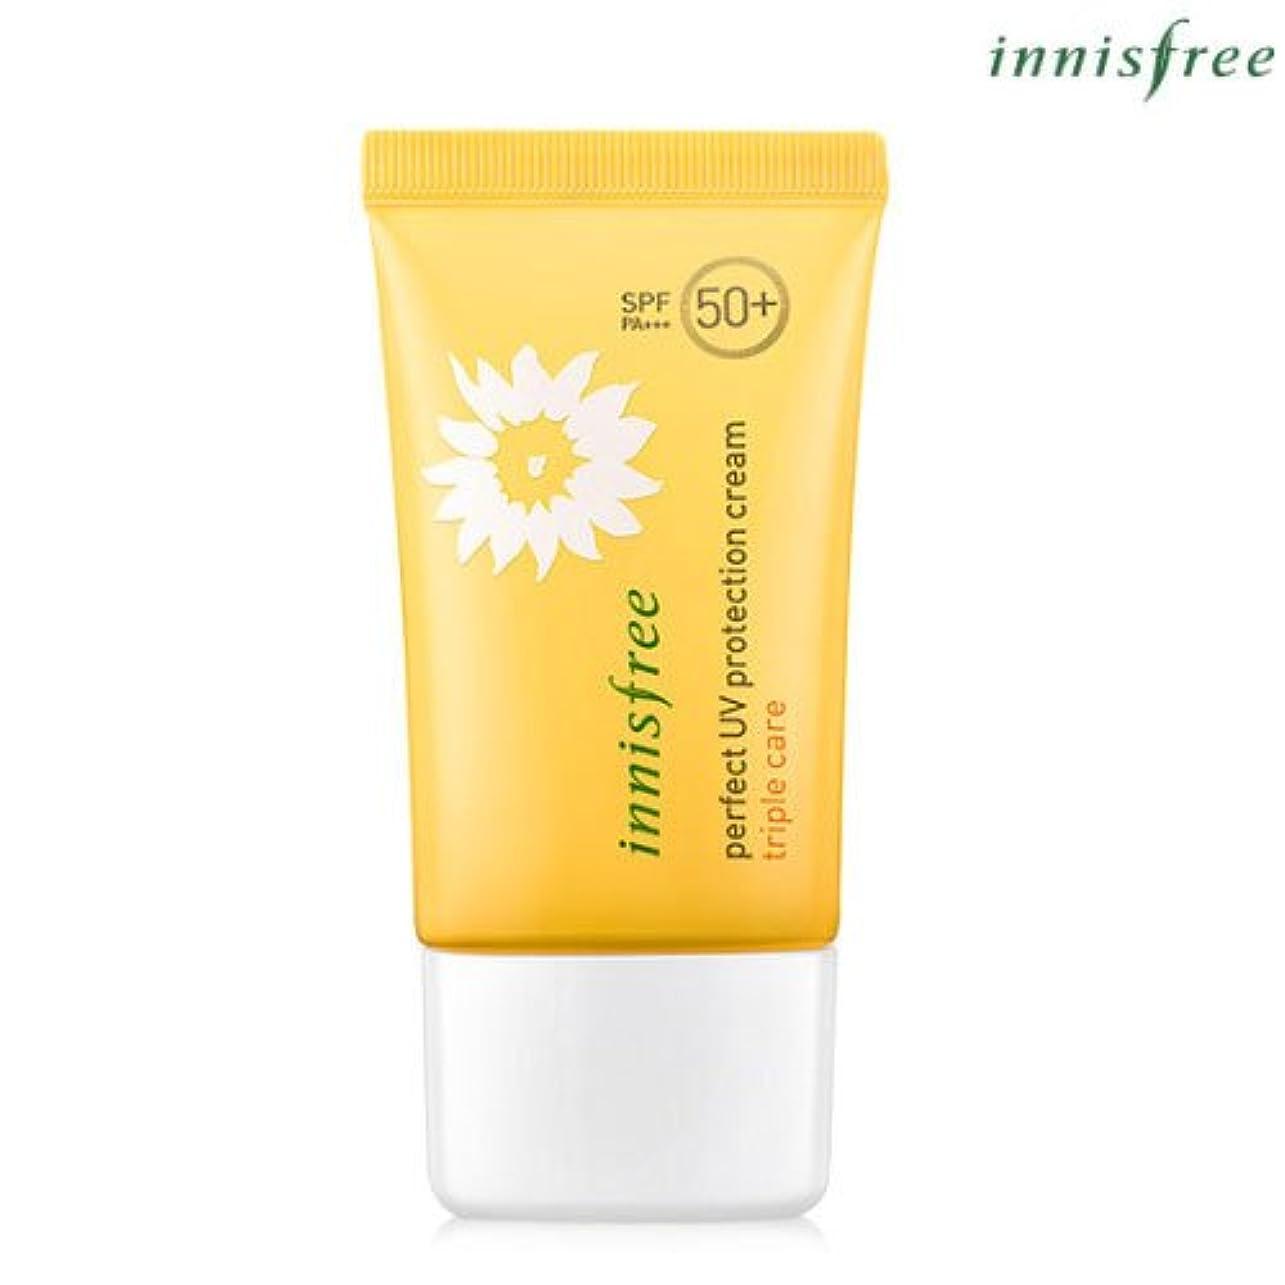 マージンアカデミー緩める[INNISFREE]イニスフリーパーフェクトUV プロテクション クリームトリプルケアSPF50+ PA+++ 50mL perfect UV protection cream triple care SPF50+ PA...